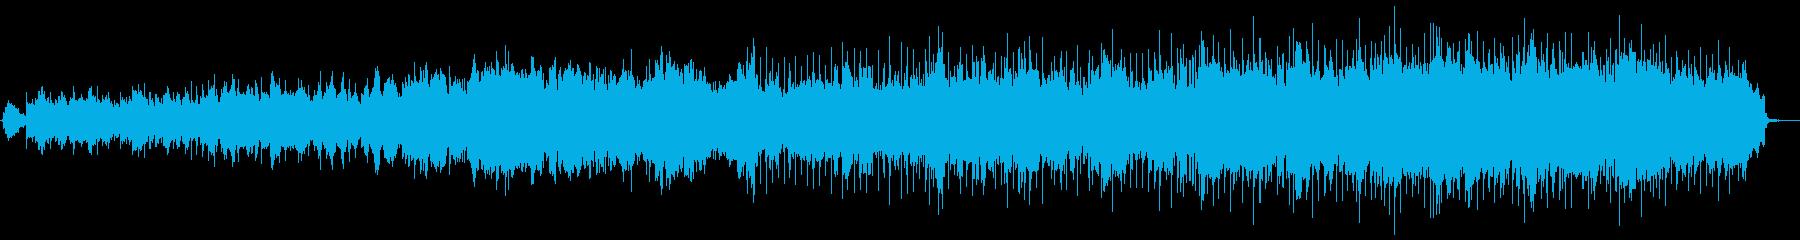 キラキラ流れる透明な水のイメージです。の再生済みの波形